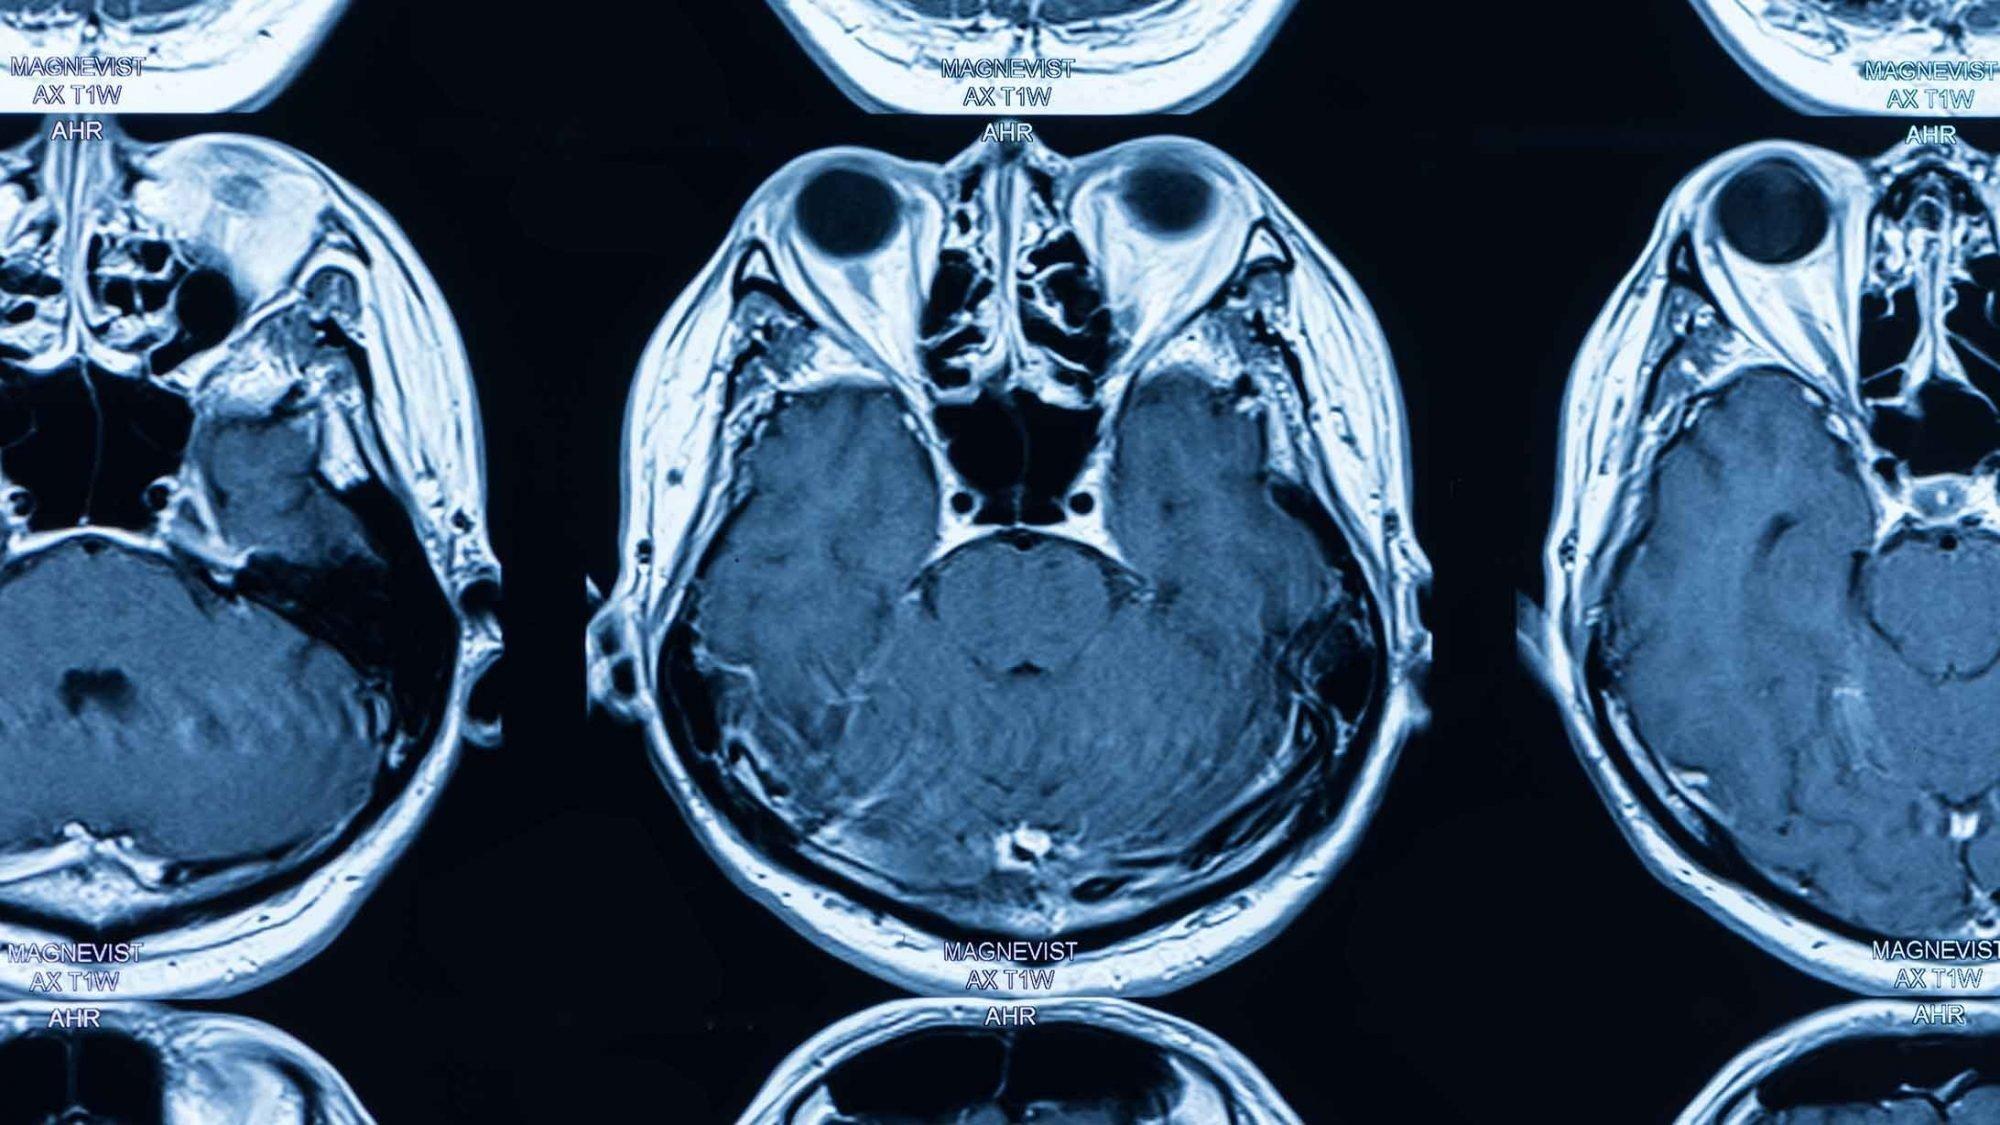 Radiologie: Bild eines Gehirns in der Magnetresonanztomographie (MRI)